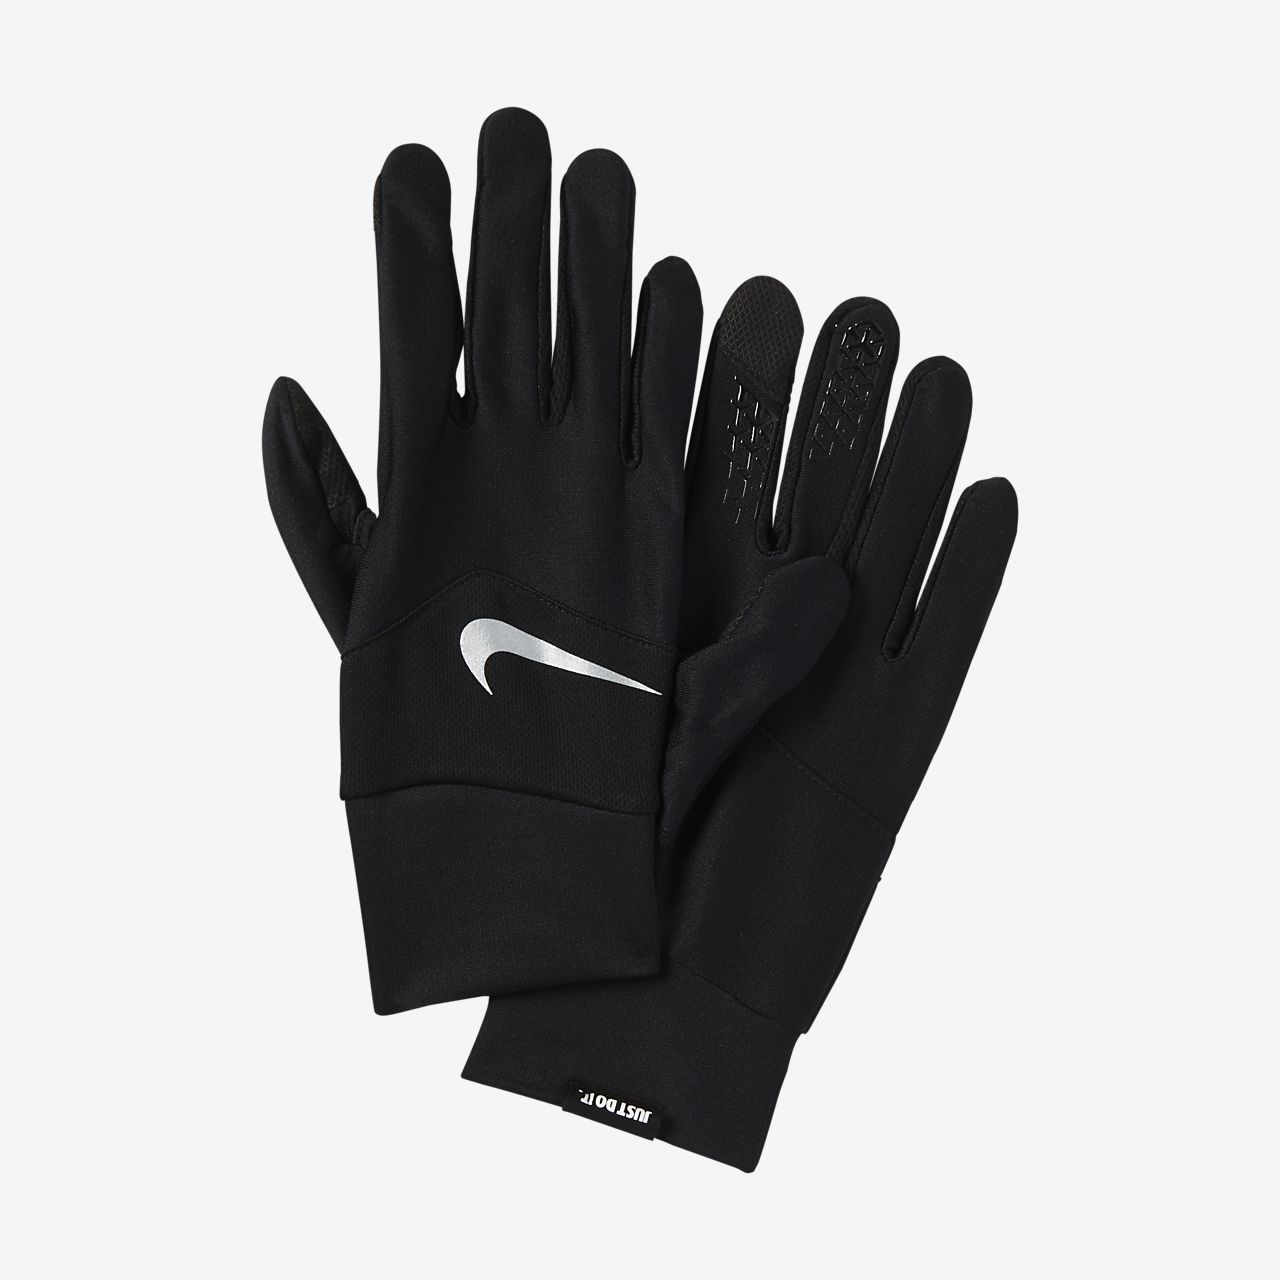 Löparhandskar Nike Dri-FIT Tempo för män